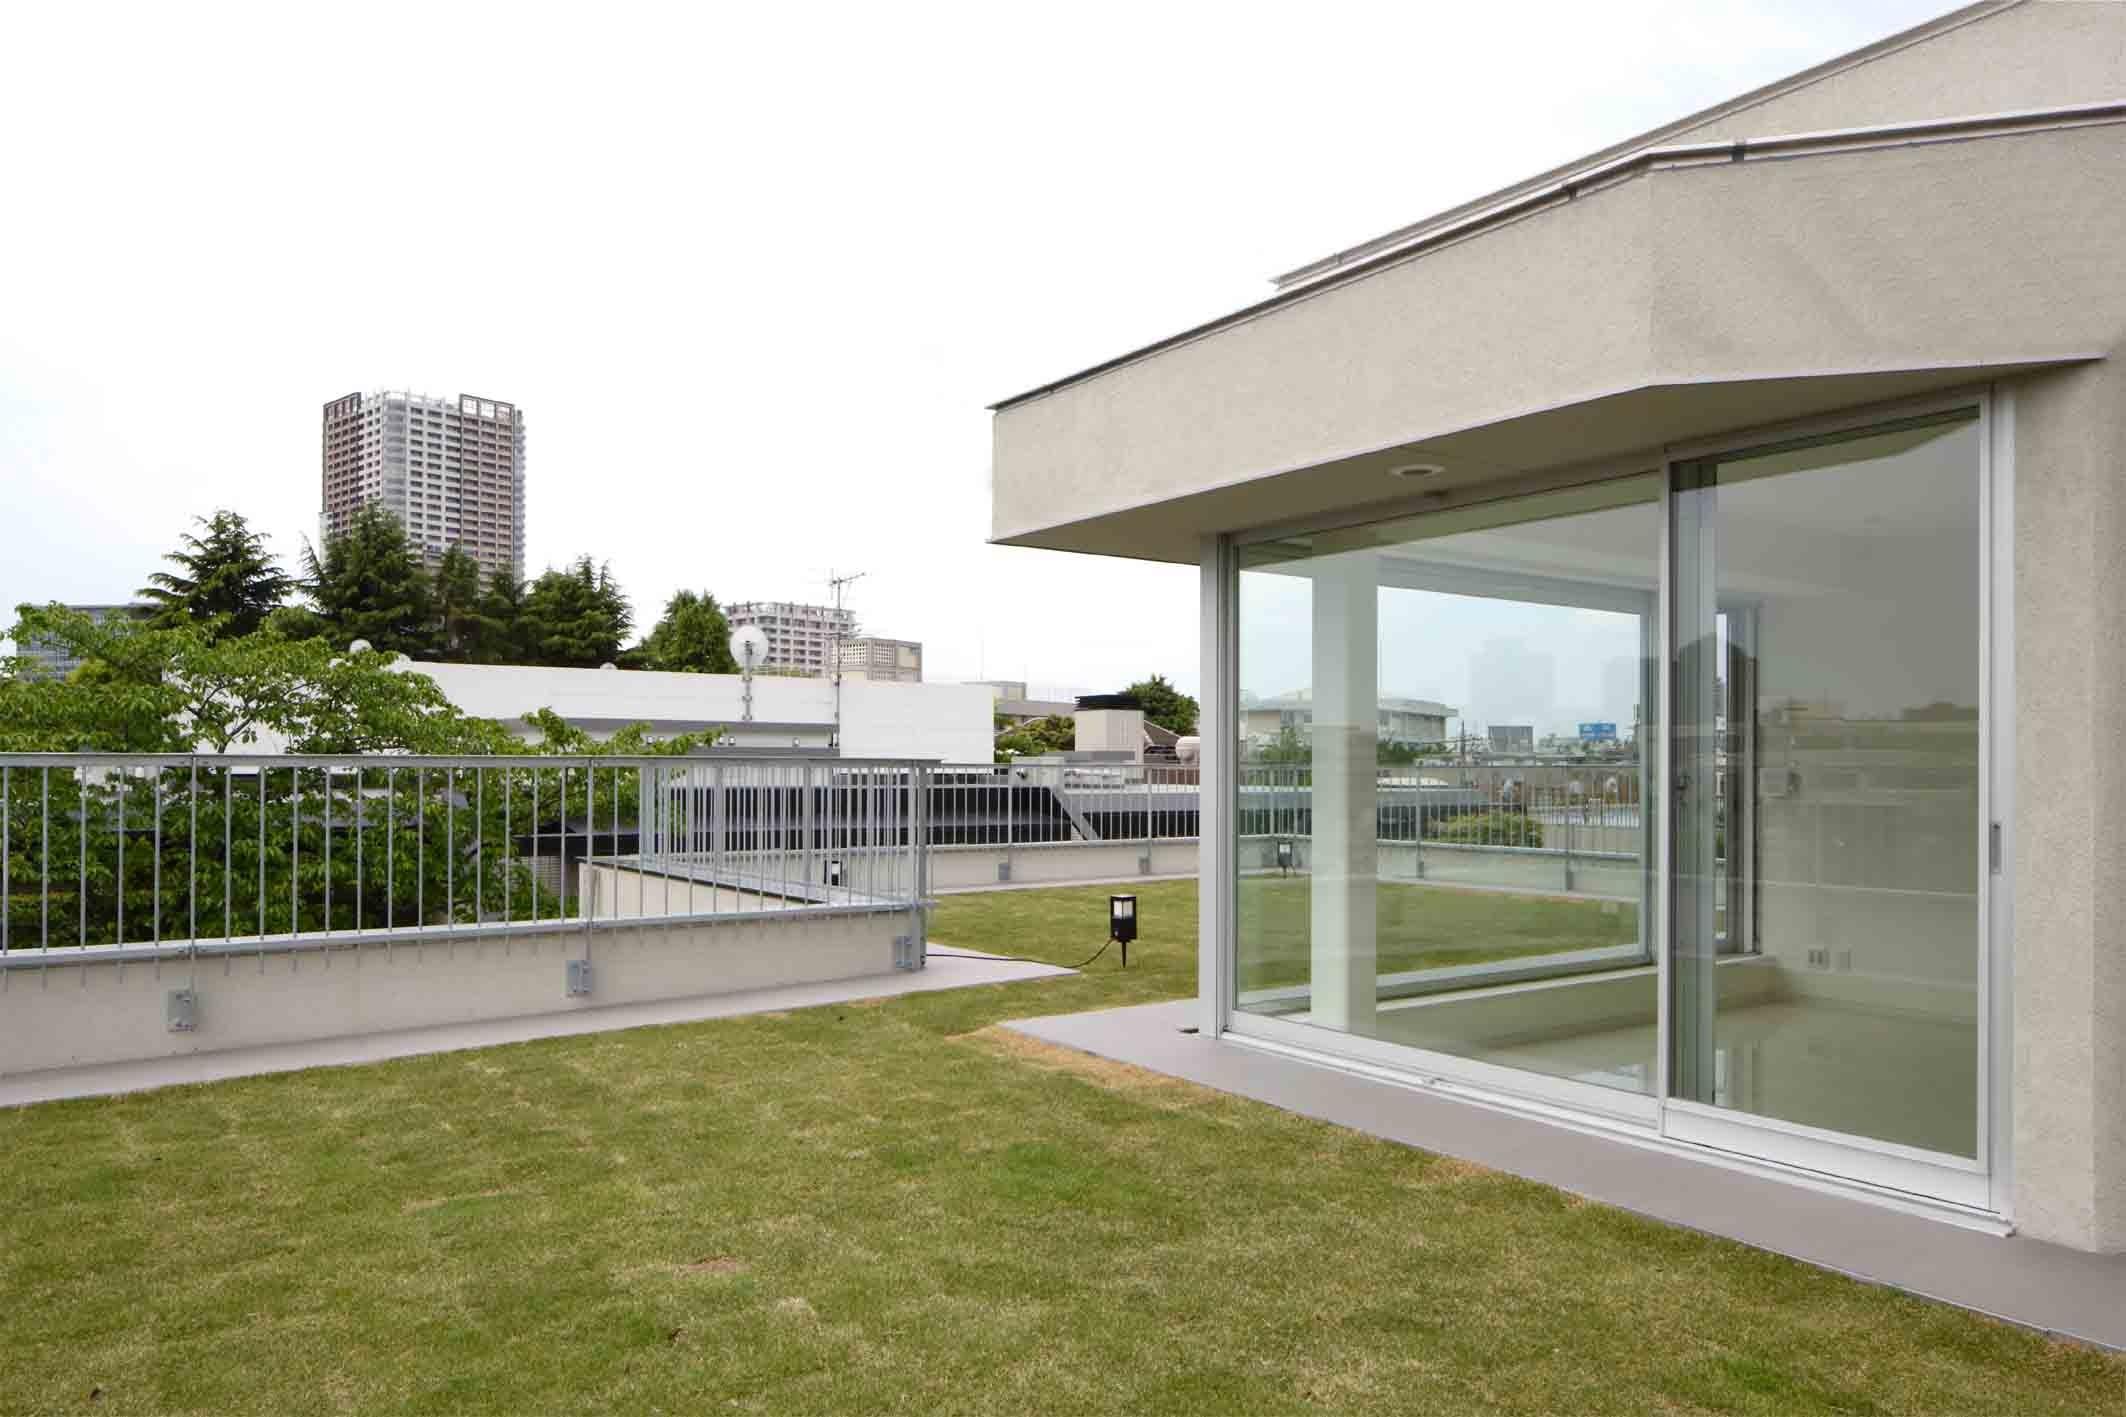 アウトドア事例:屋上芝生のあるルーフガーデン(高輪台の家、こだわりの施主と作り上げたバーカウンターのある大型住まい)